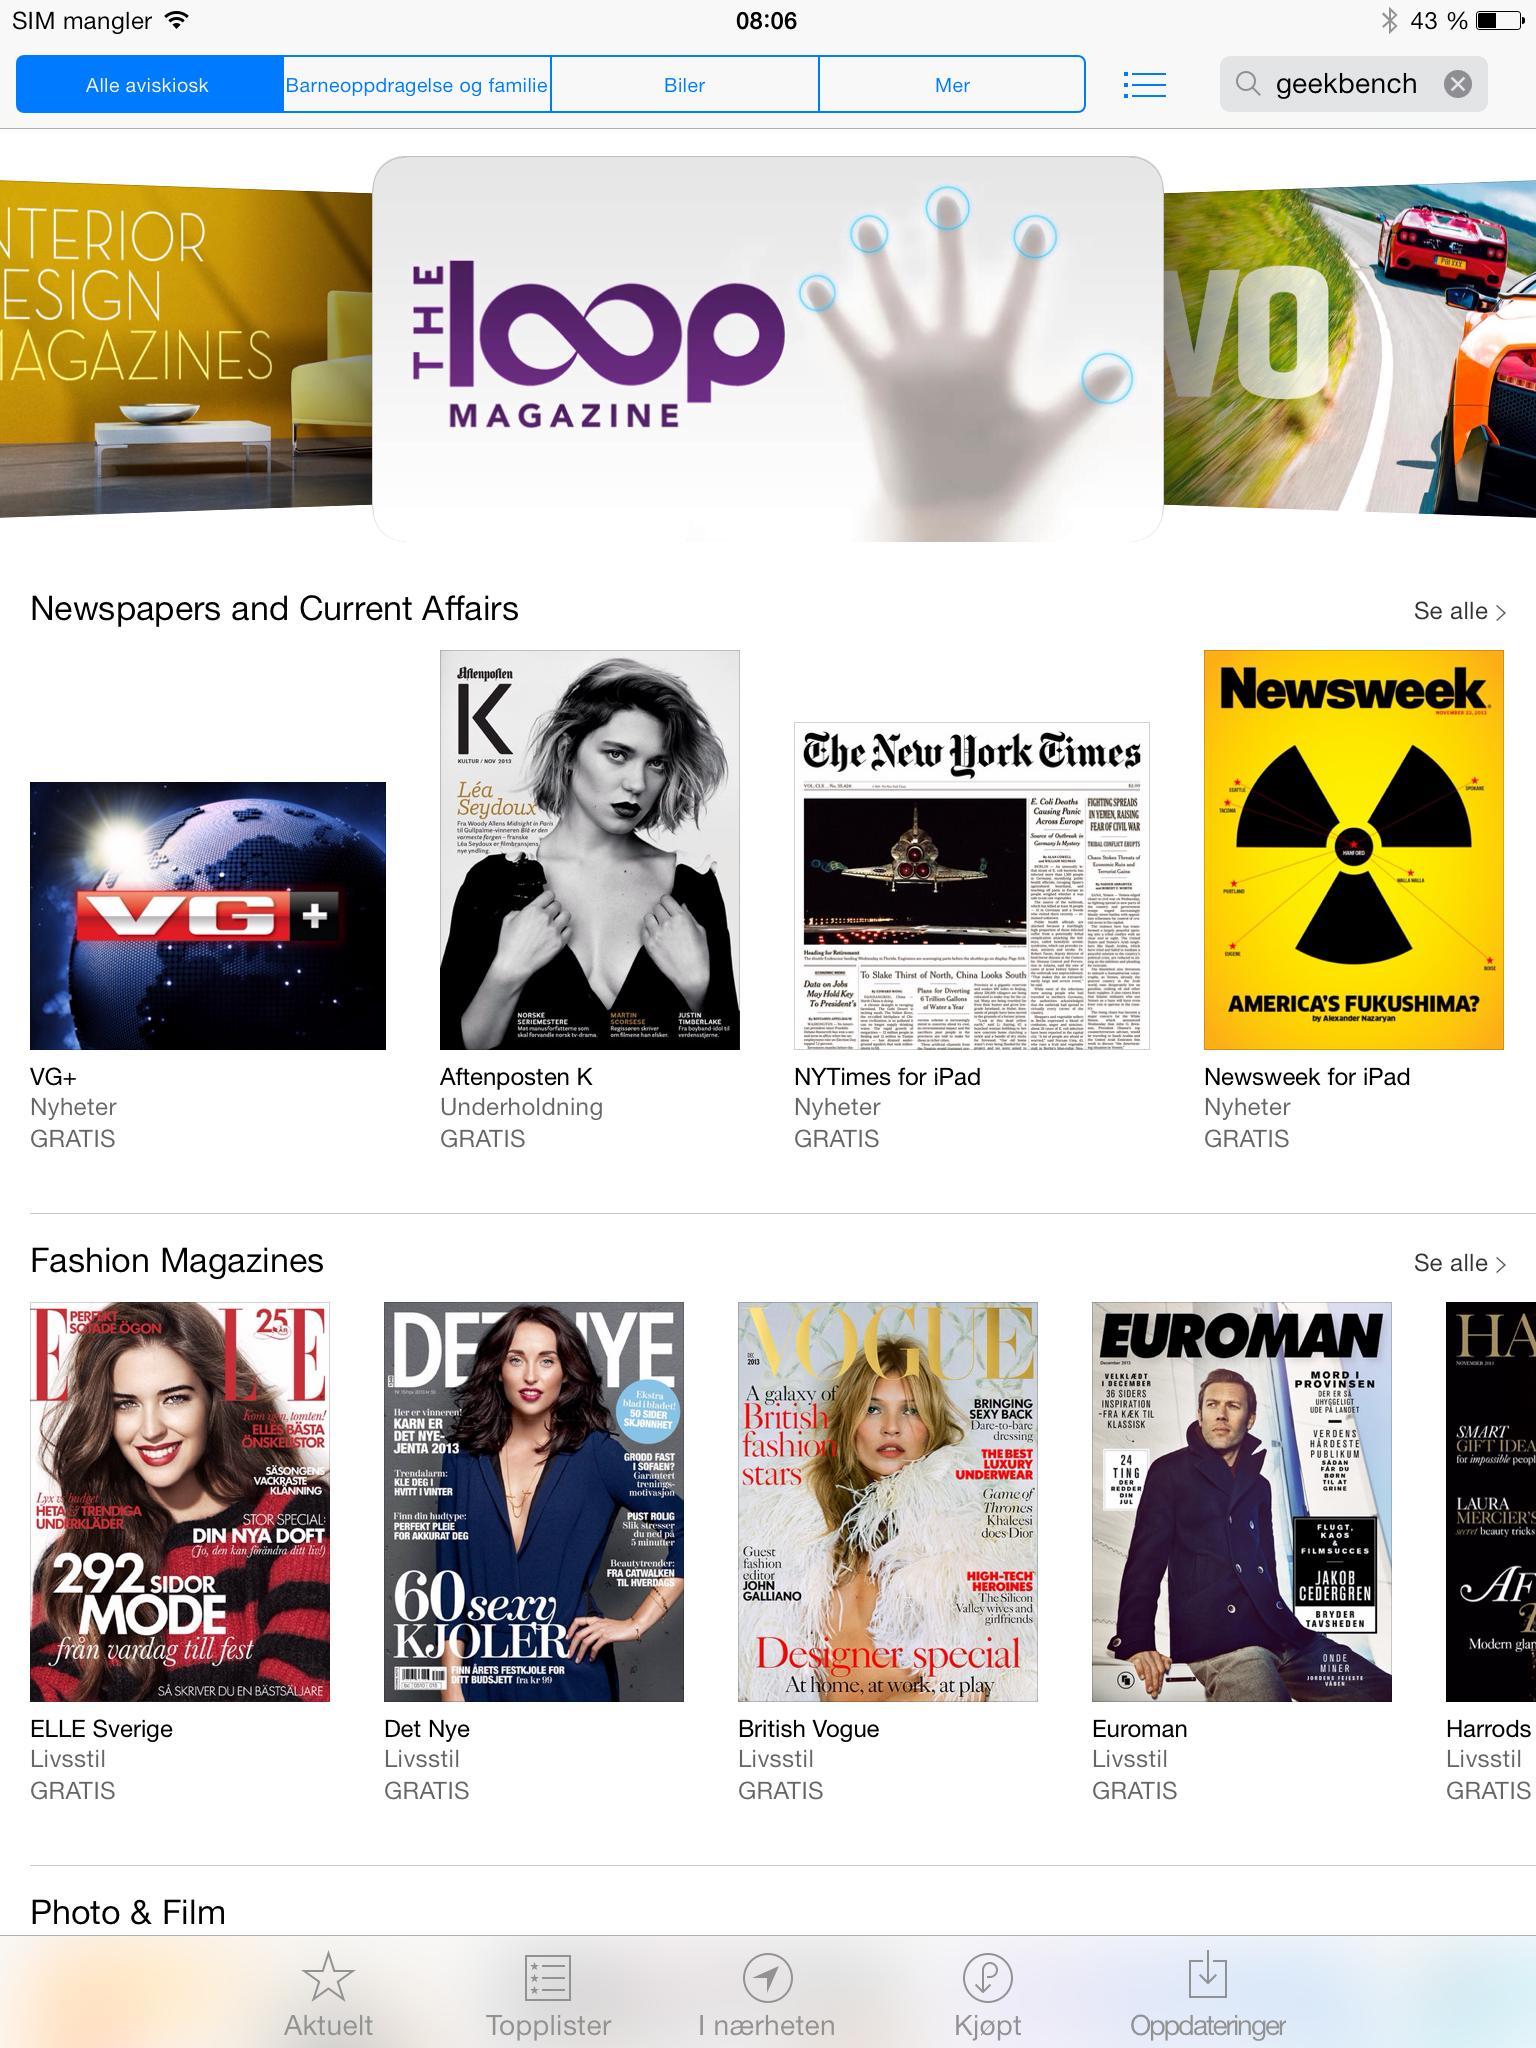 Aviskiosken gir deg enkel tilgang på både tidsskrifter og aviser som er spesielt utformet for iOS.Foto: Finn Jarle Kvalheim, Amobil.no